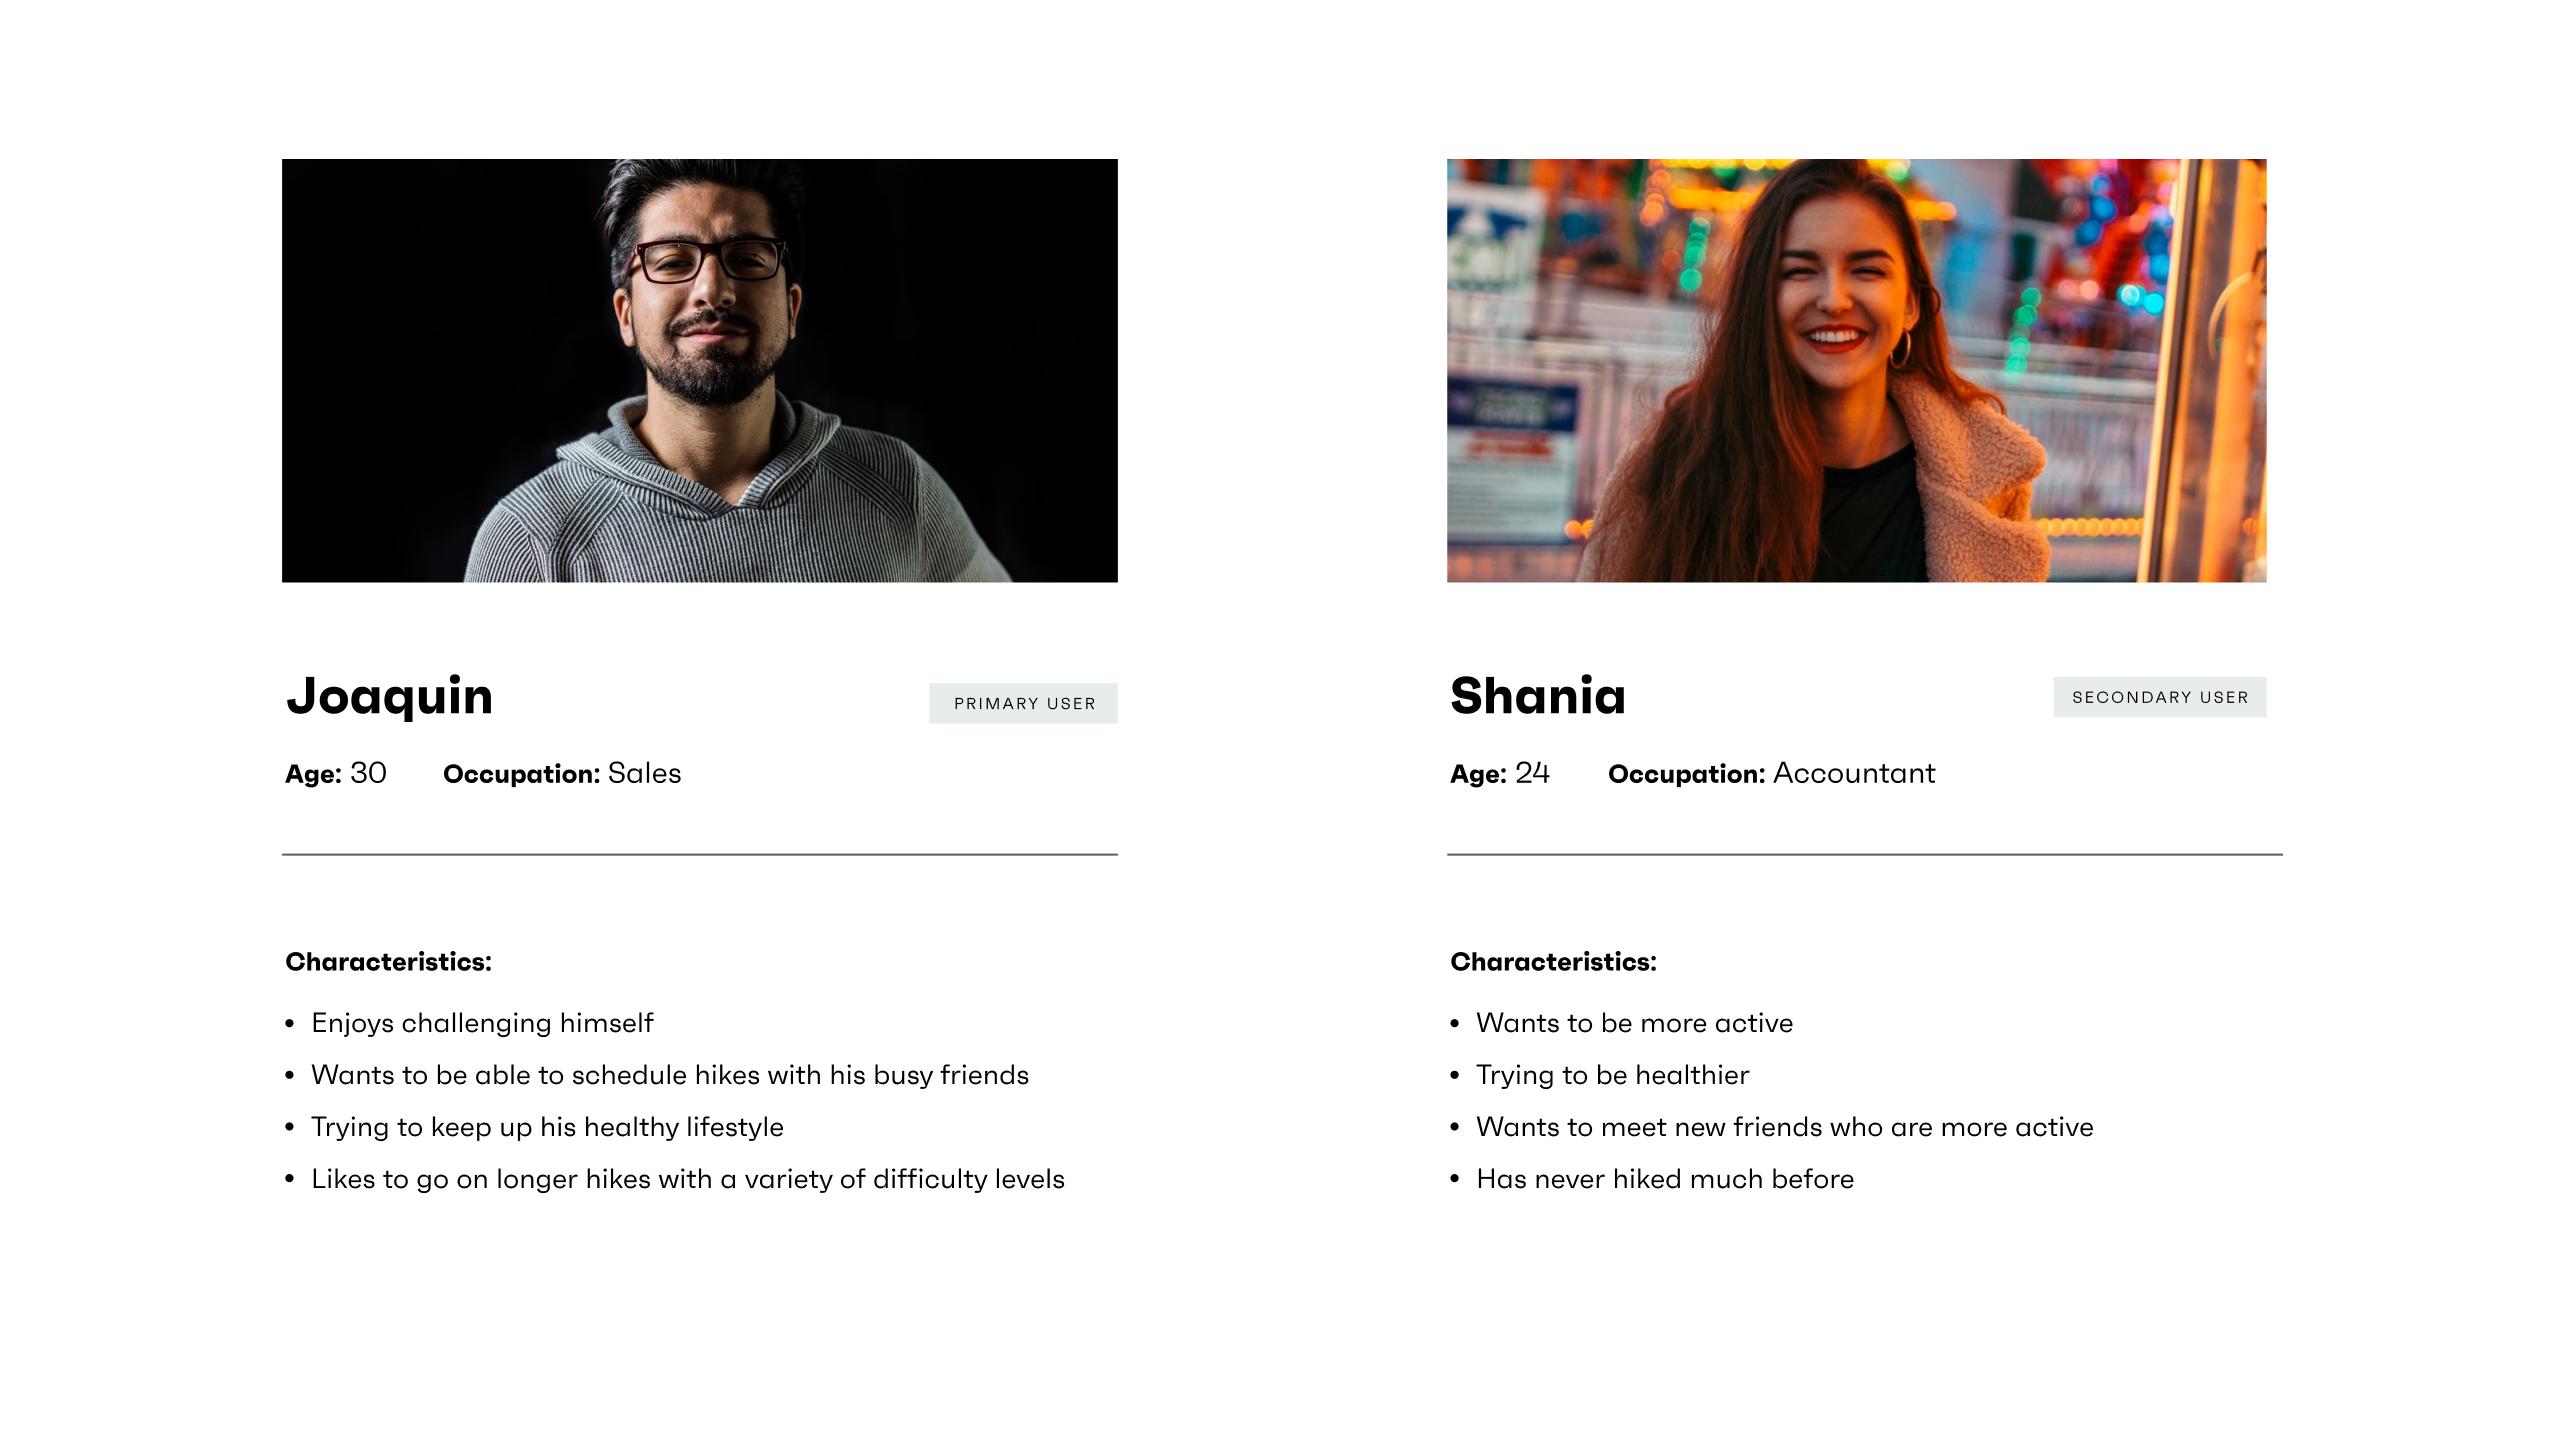 User persona profiles